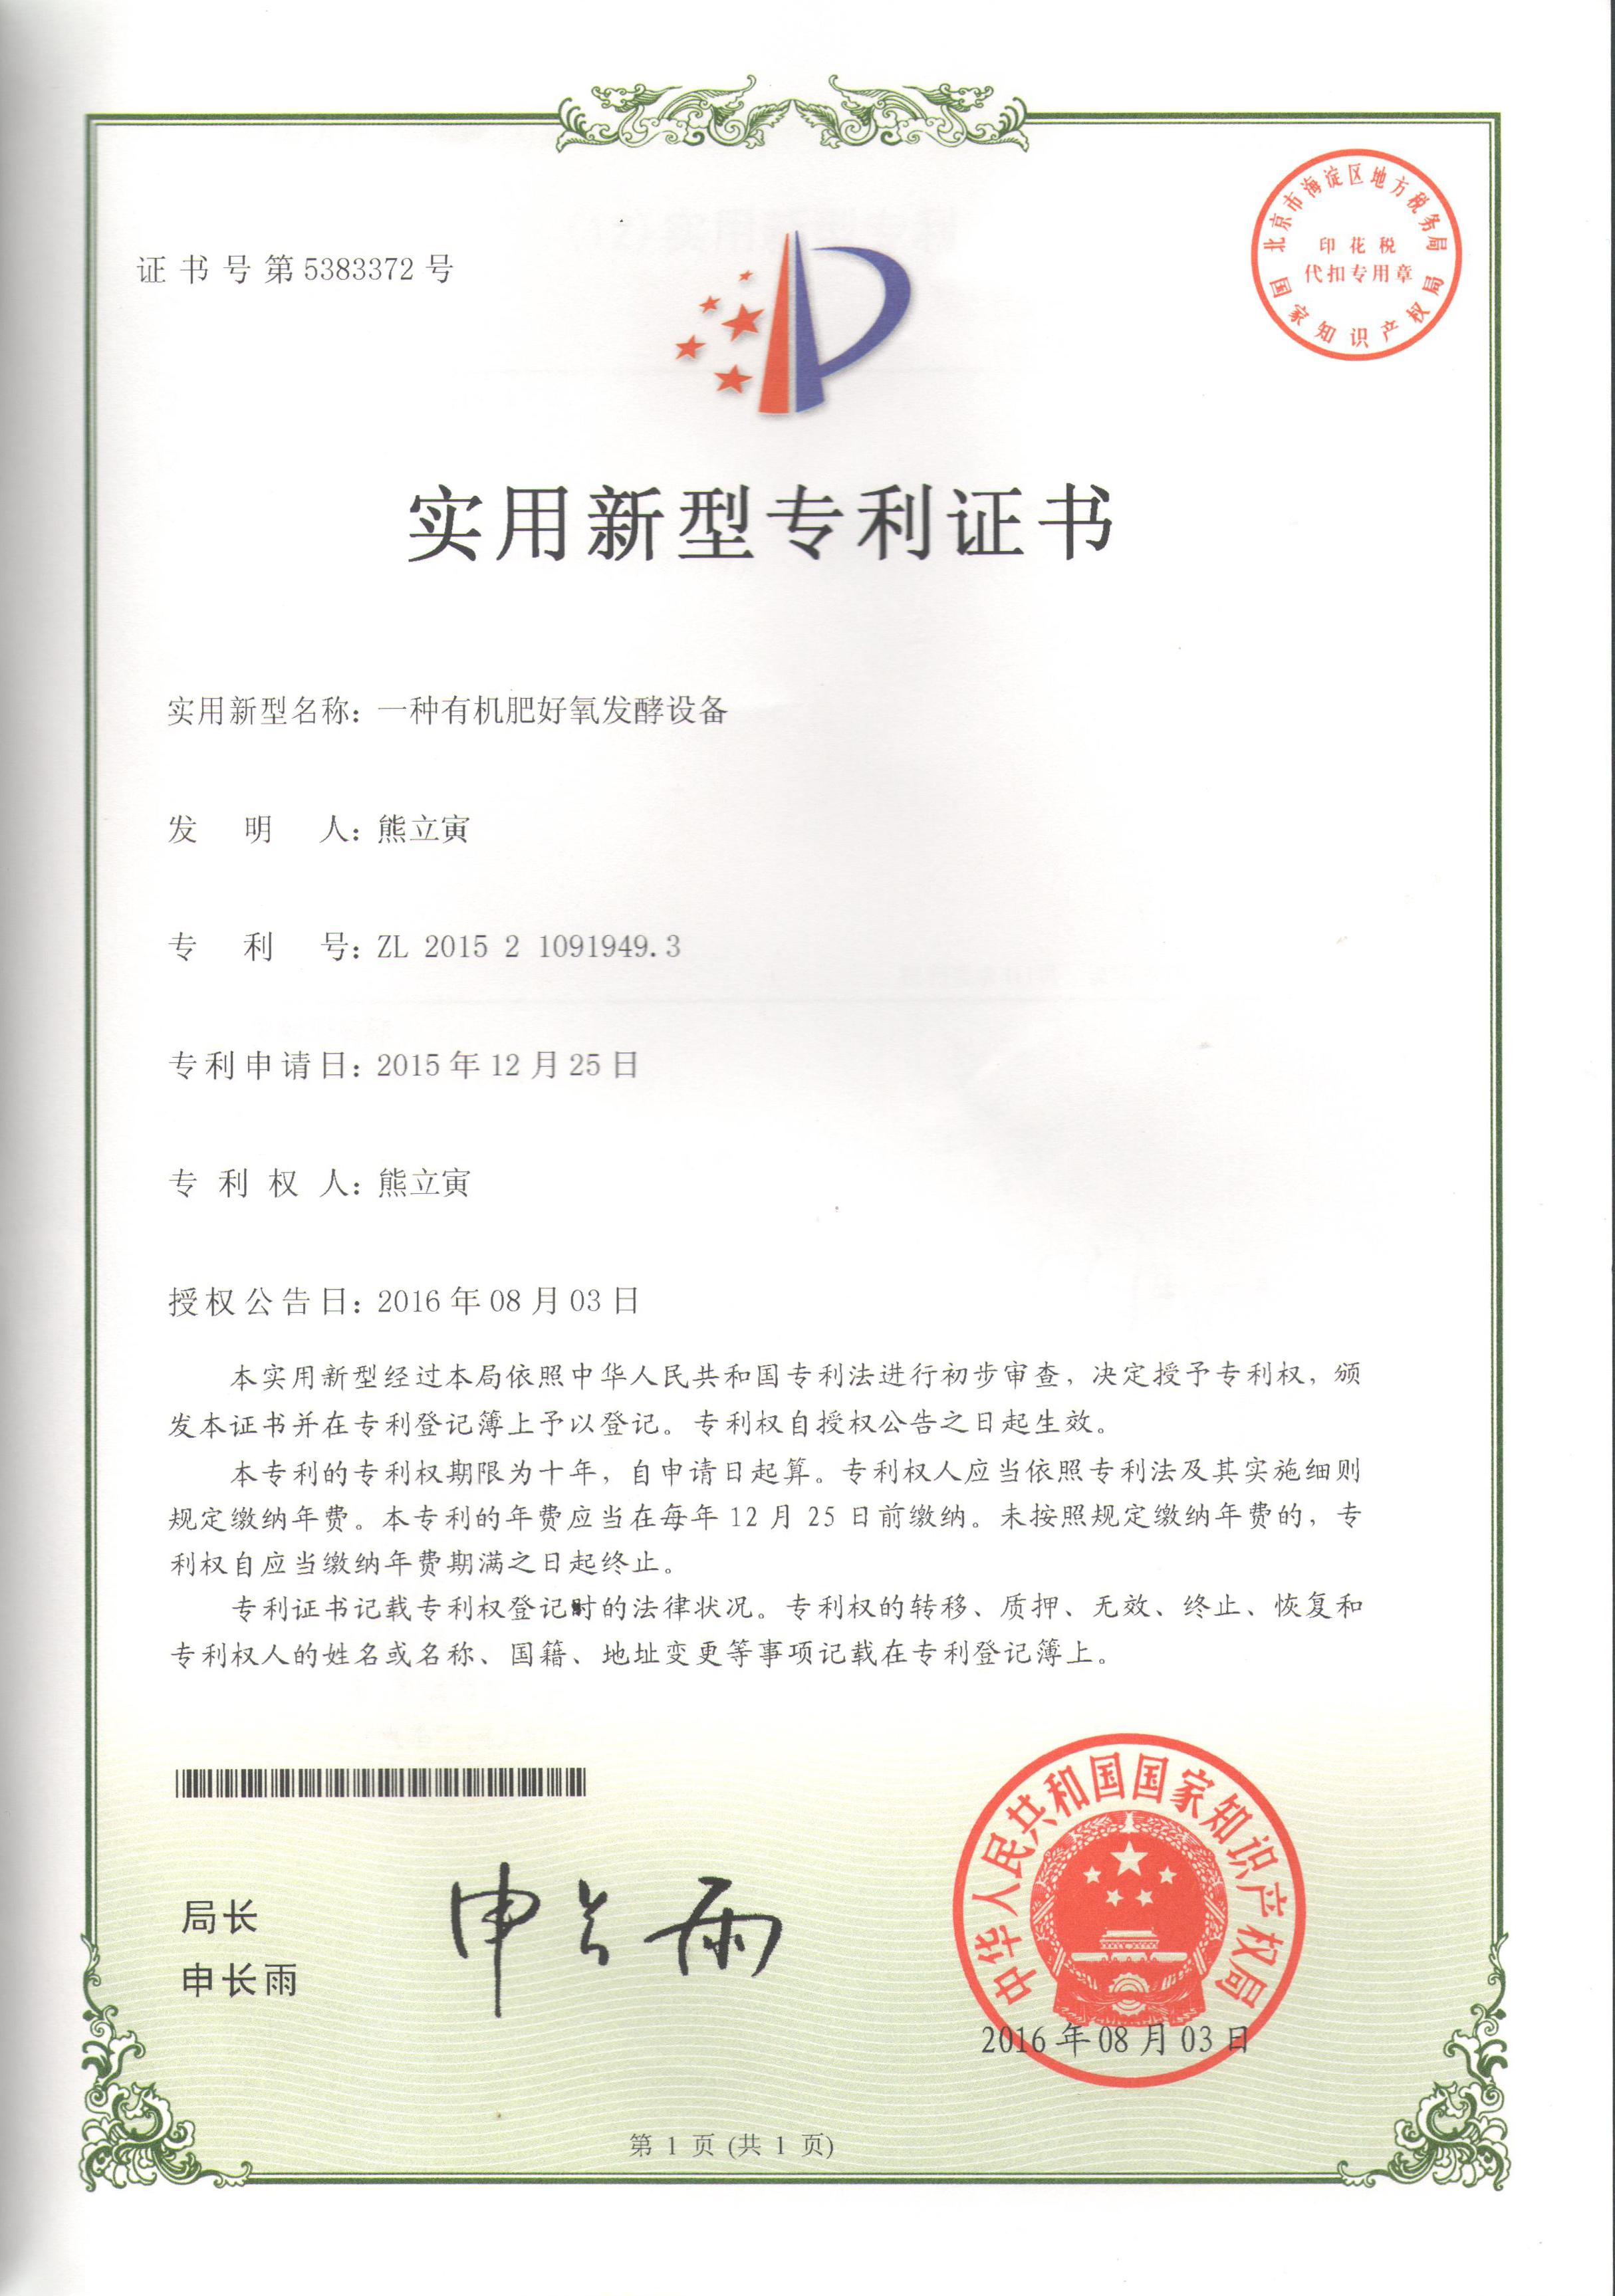 ZL201521091949.3一種有機肥好氧發酵設備1